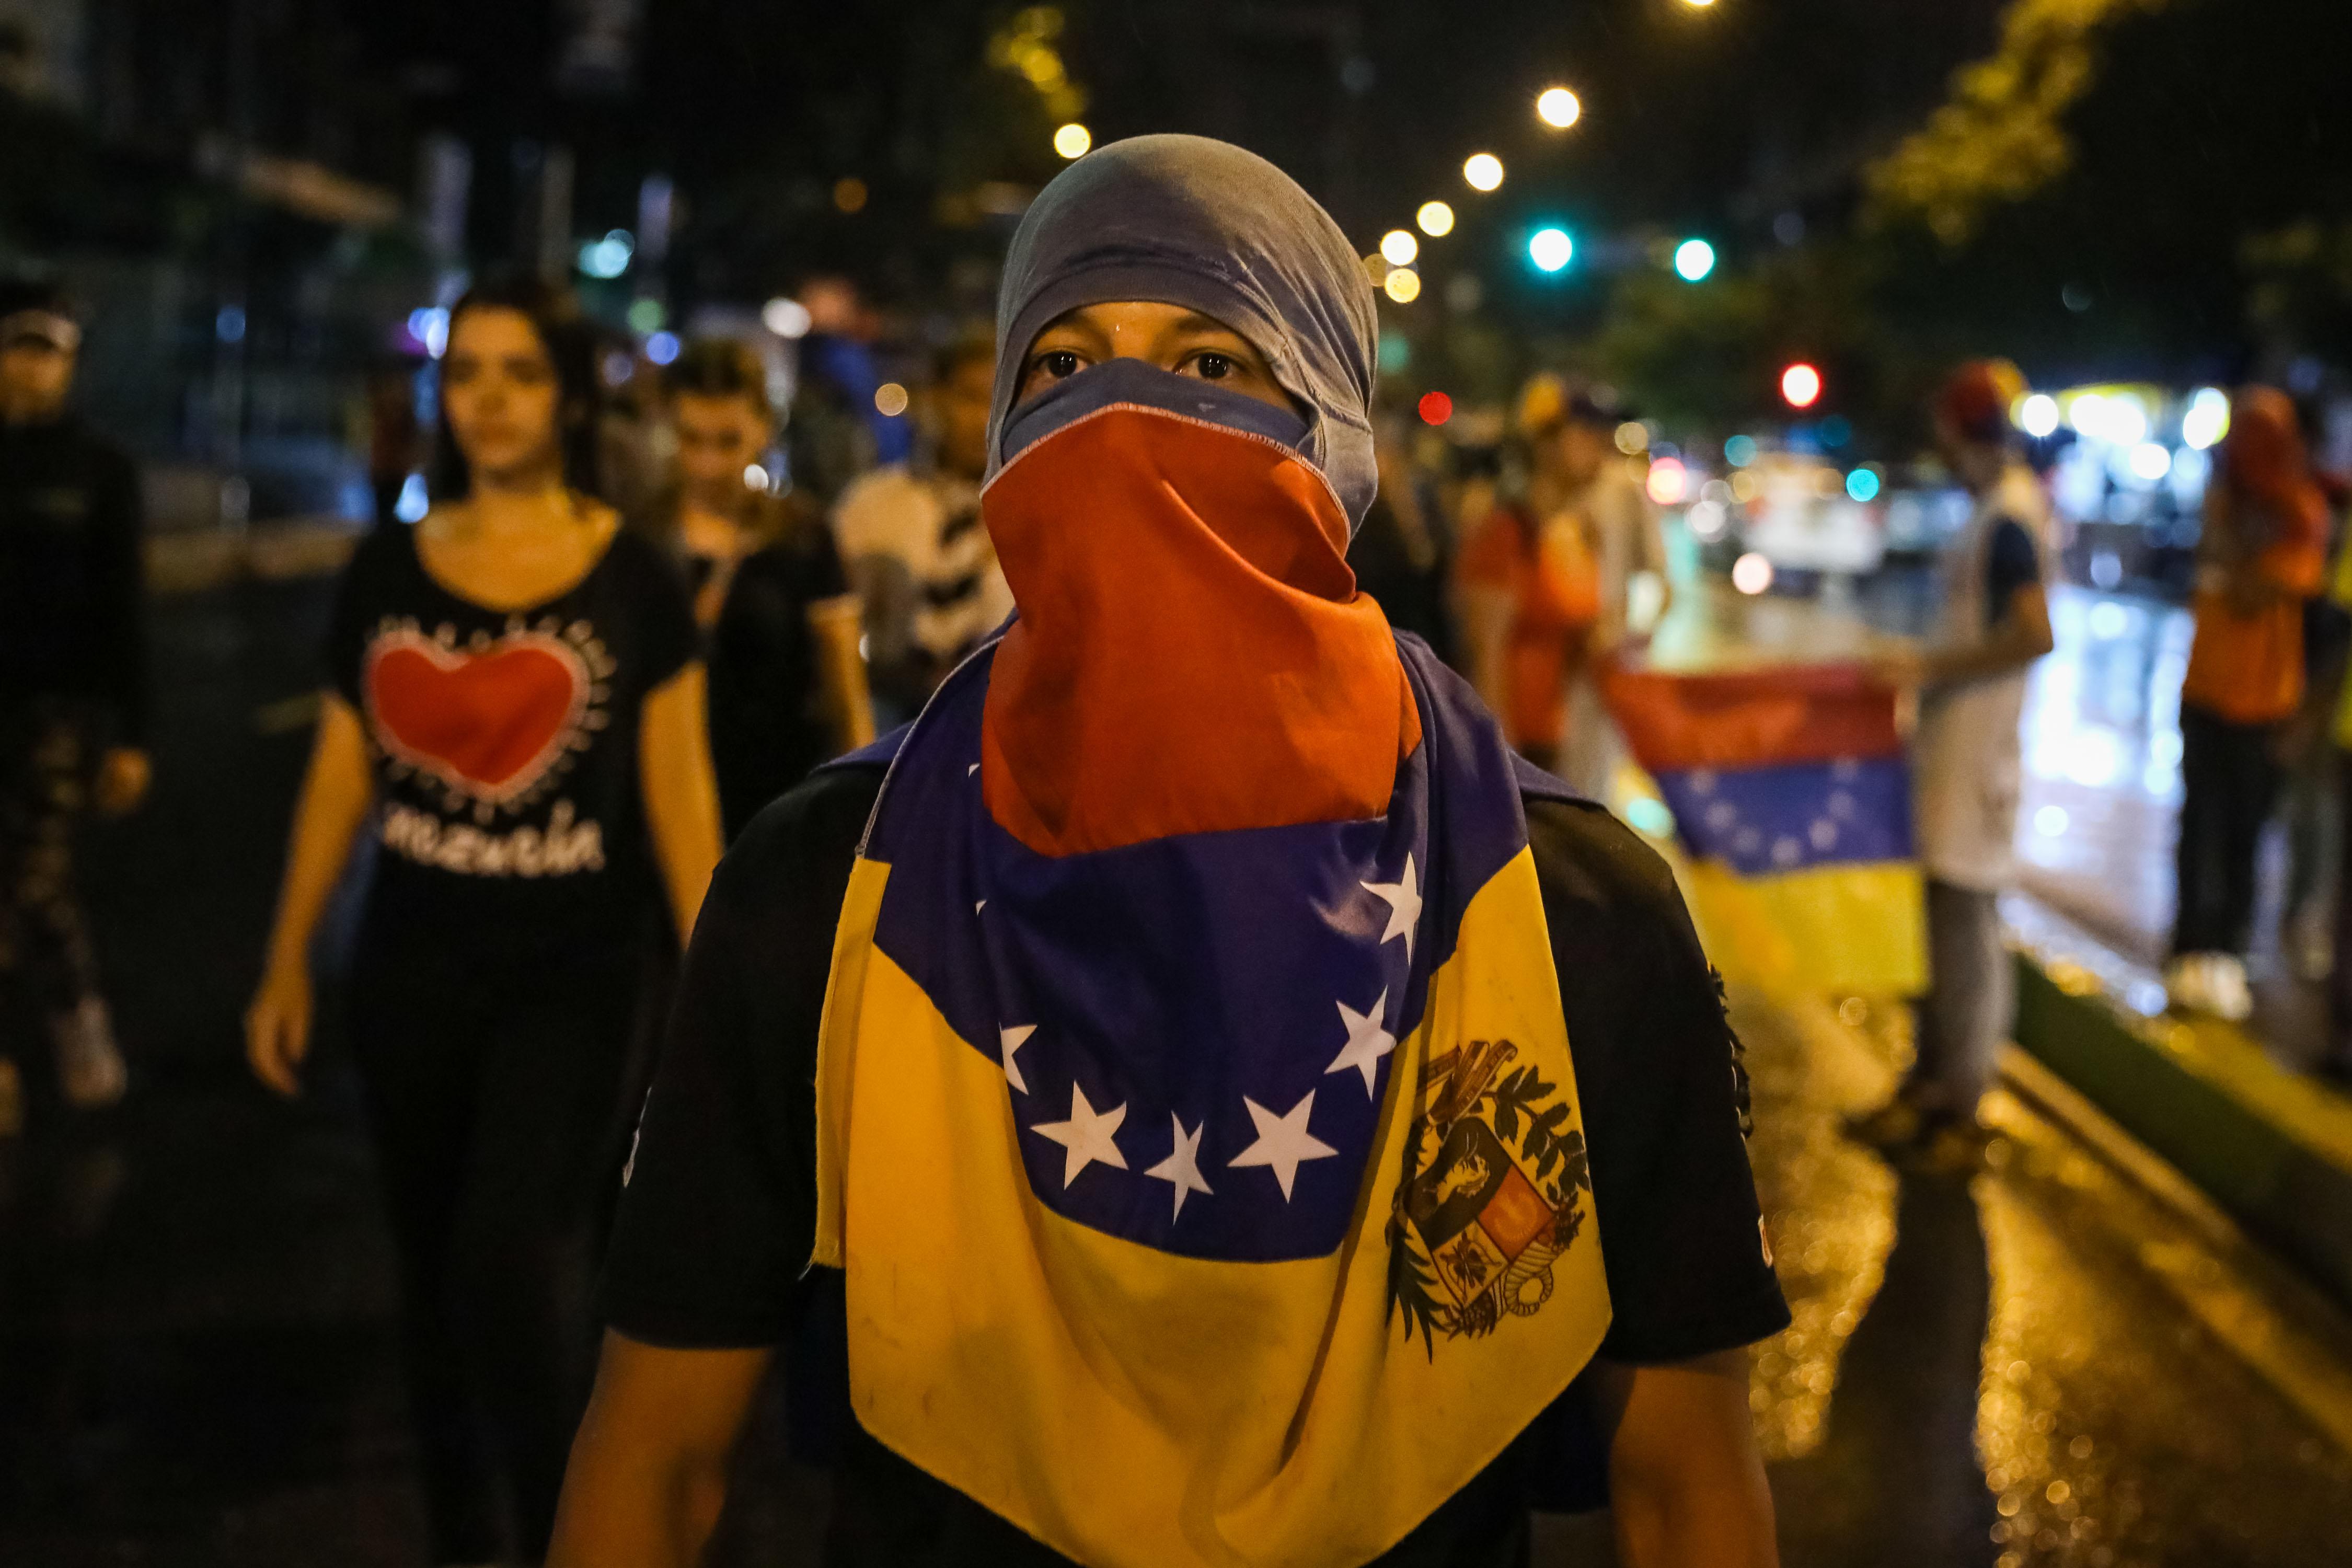 Marxa per honrar l'estudiant mort durant manifestació opositora a Caracas. /MIGUEL GUTIERREZ